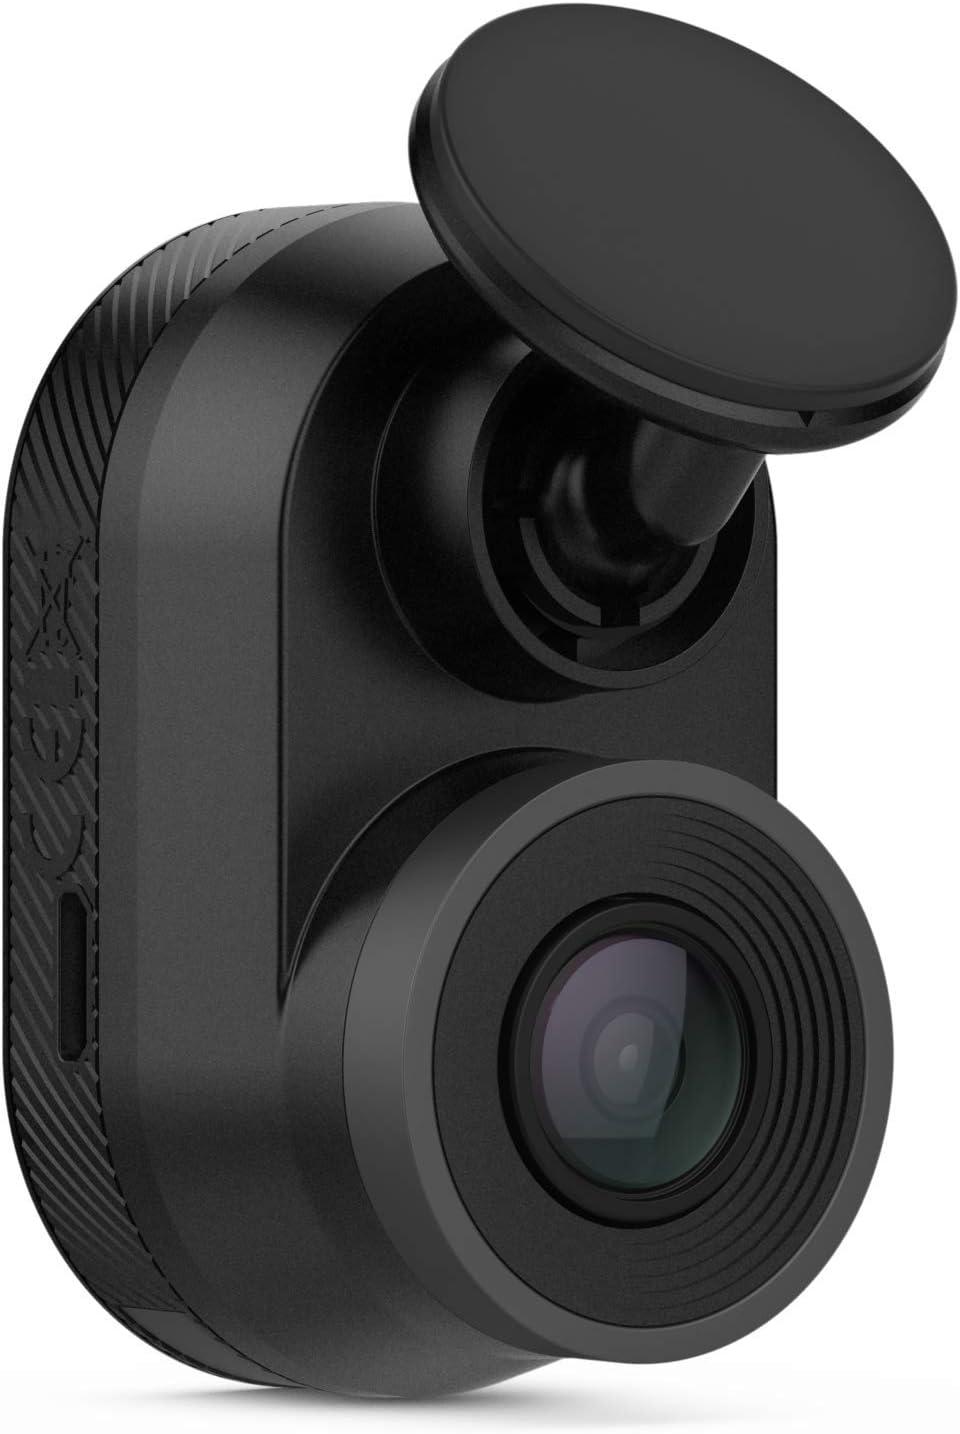 61KDcci4fEL. AC SL1500 Quale dash cam scegliere? le 5 migliori alternative